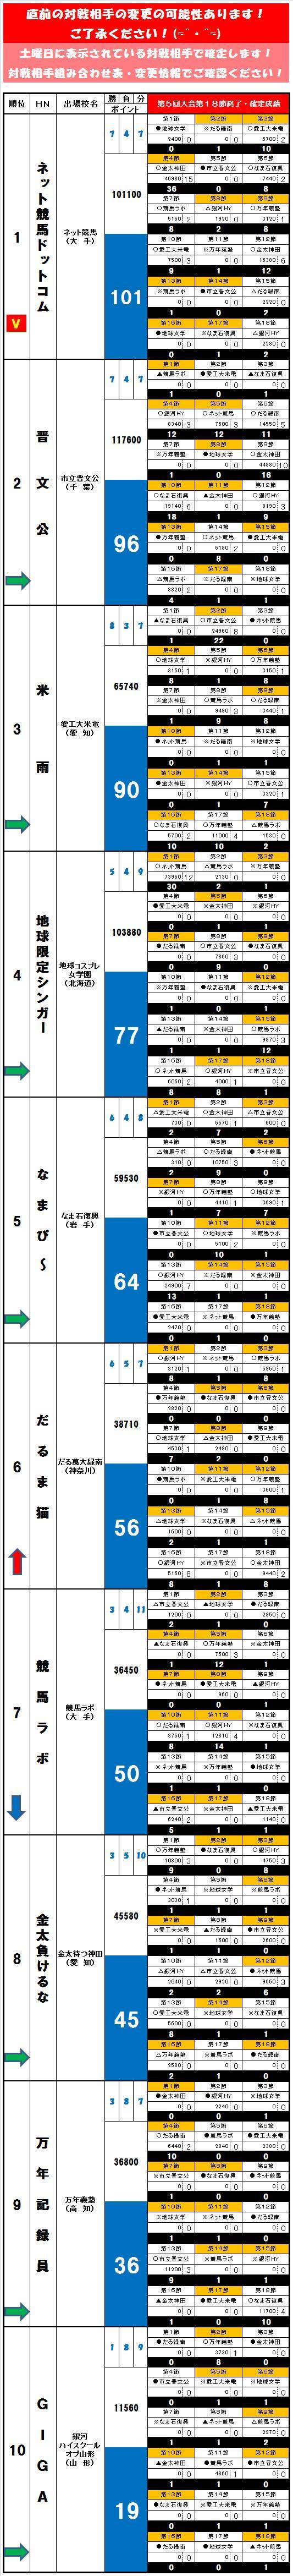 20140607・ダルマンリーグ第18節後半終了成績表.jpg